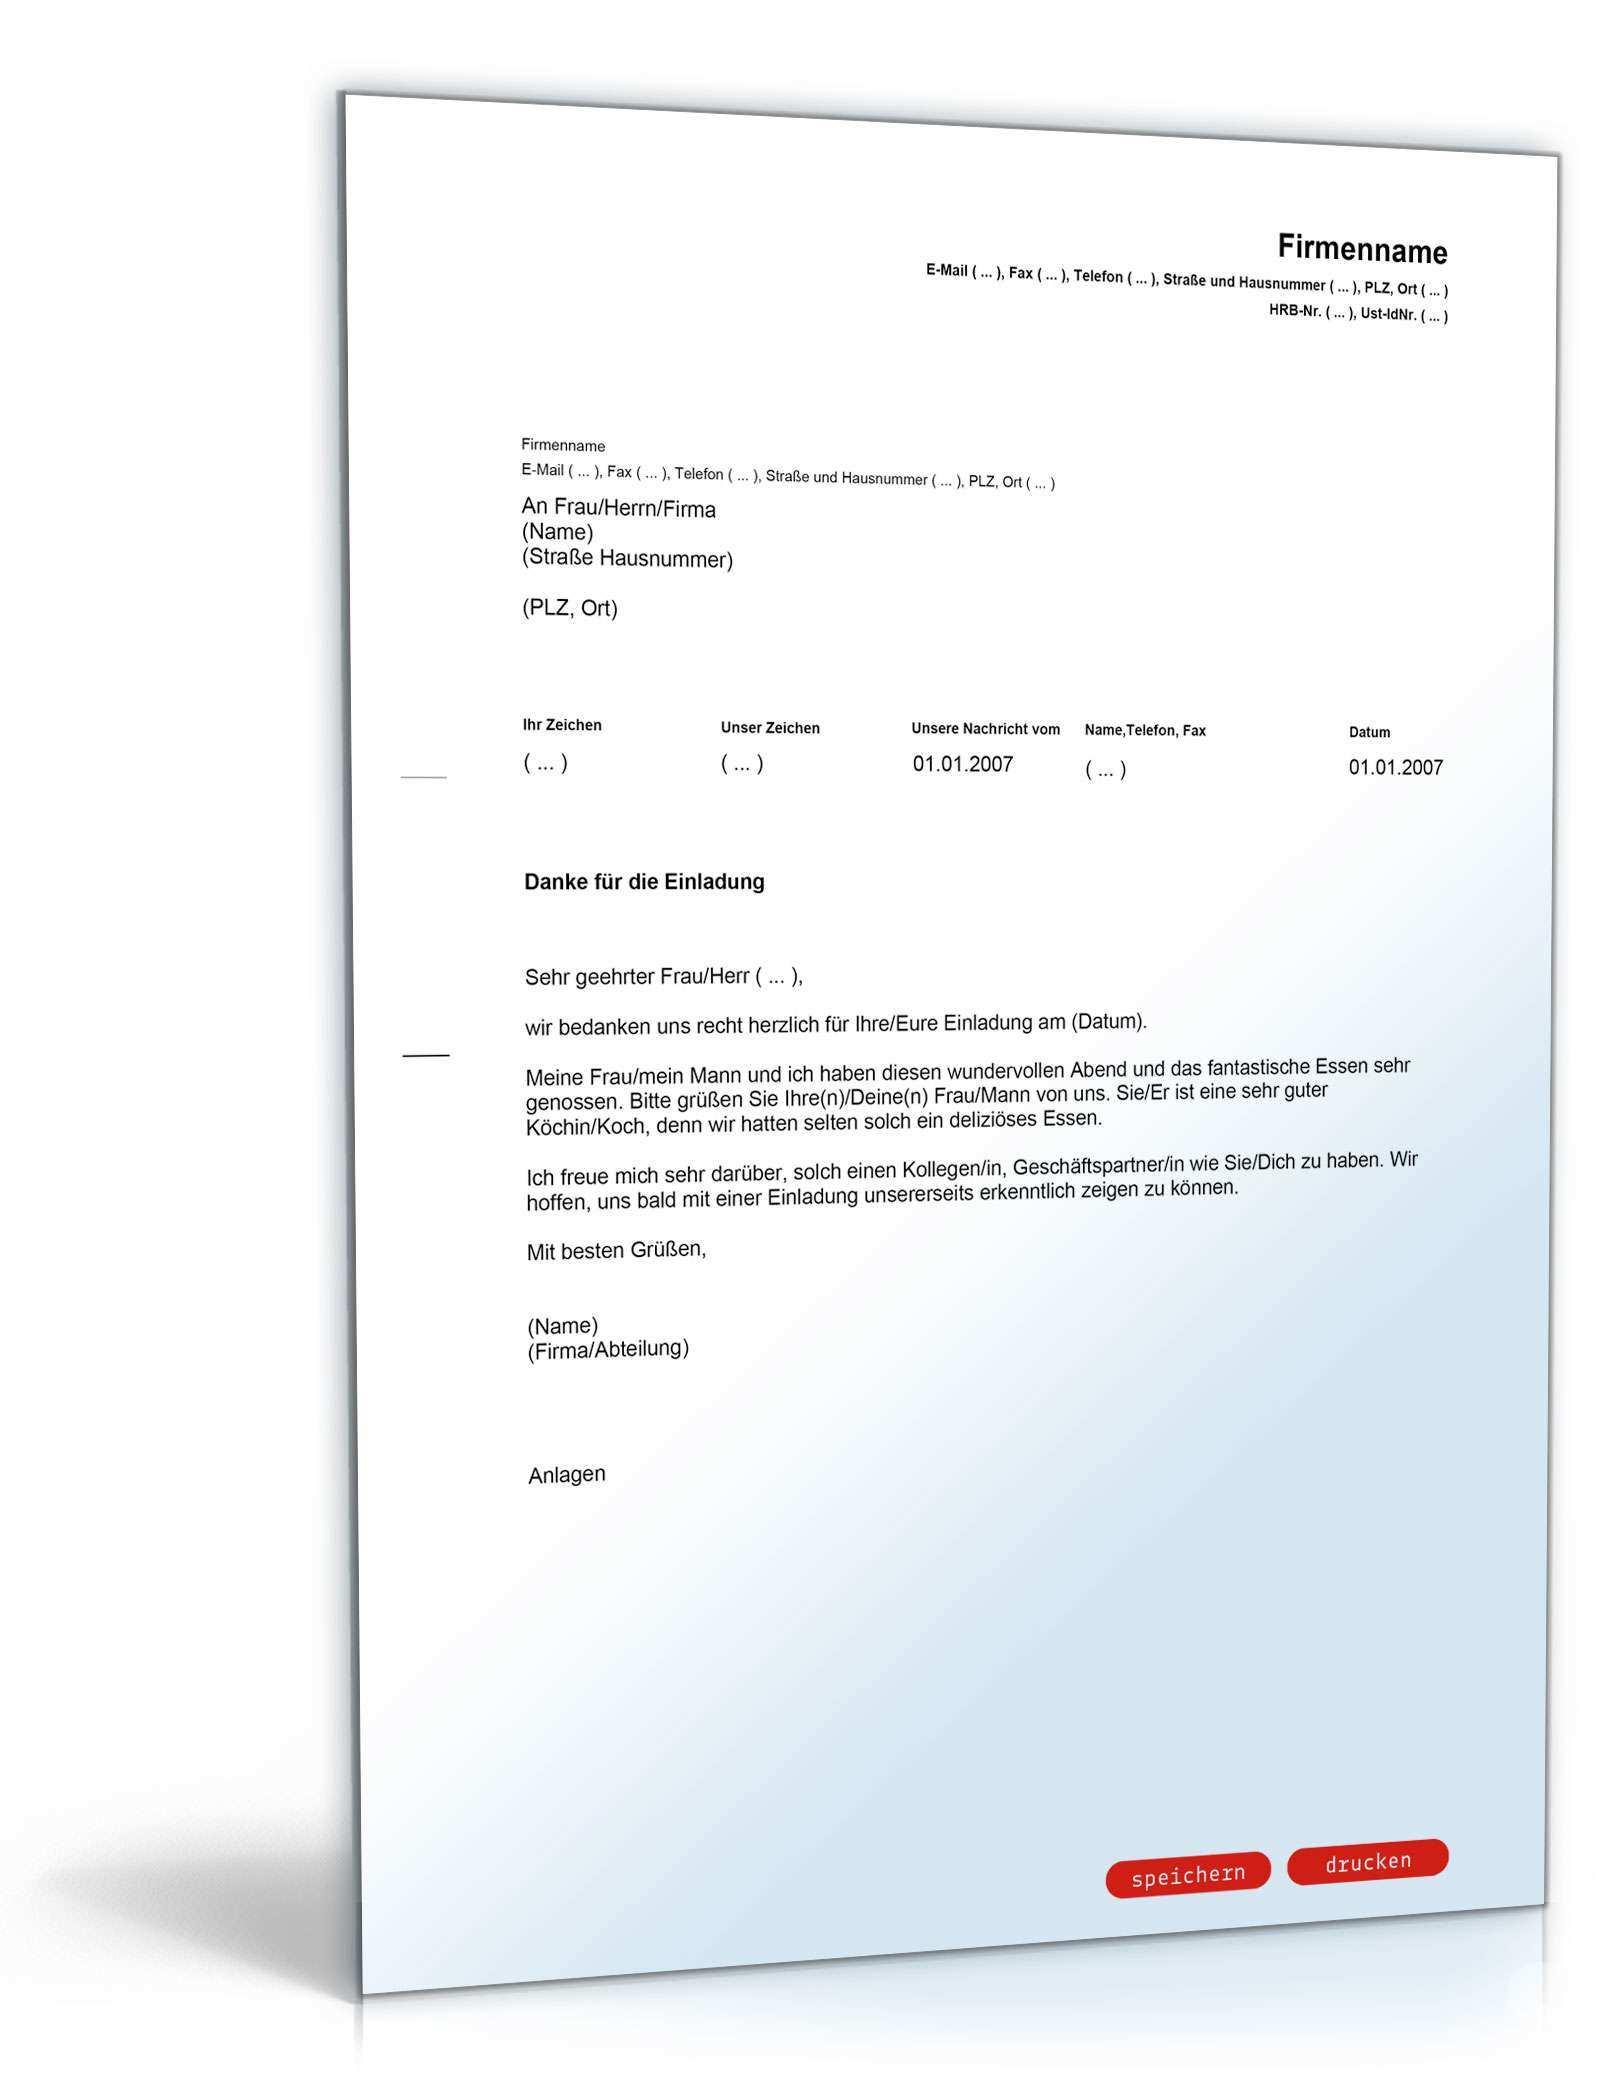 Dankschreiben Nach Einladung Englisch Deutsch Musterbrief Zum Download